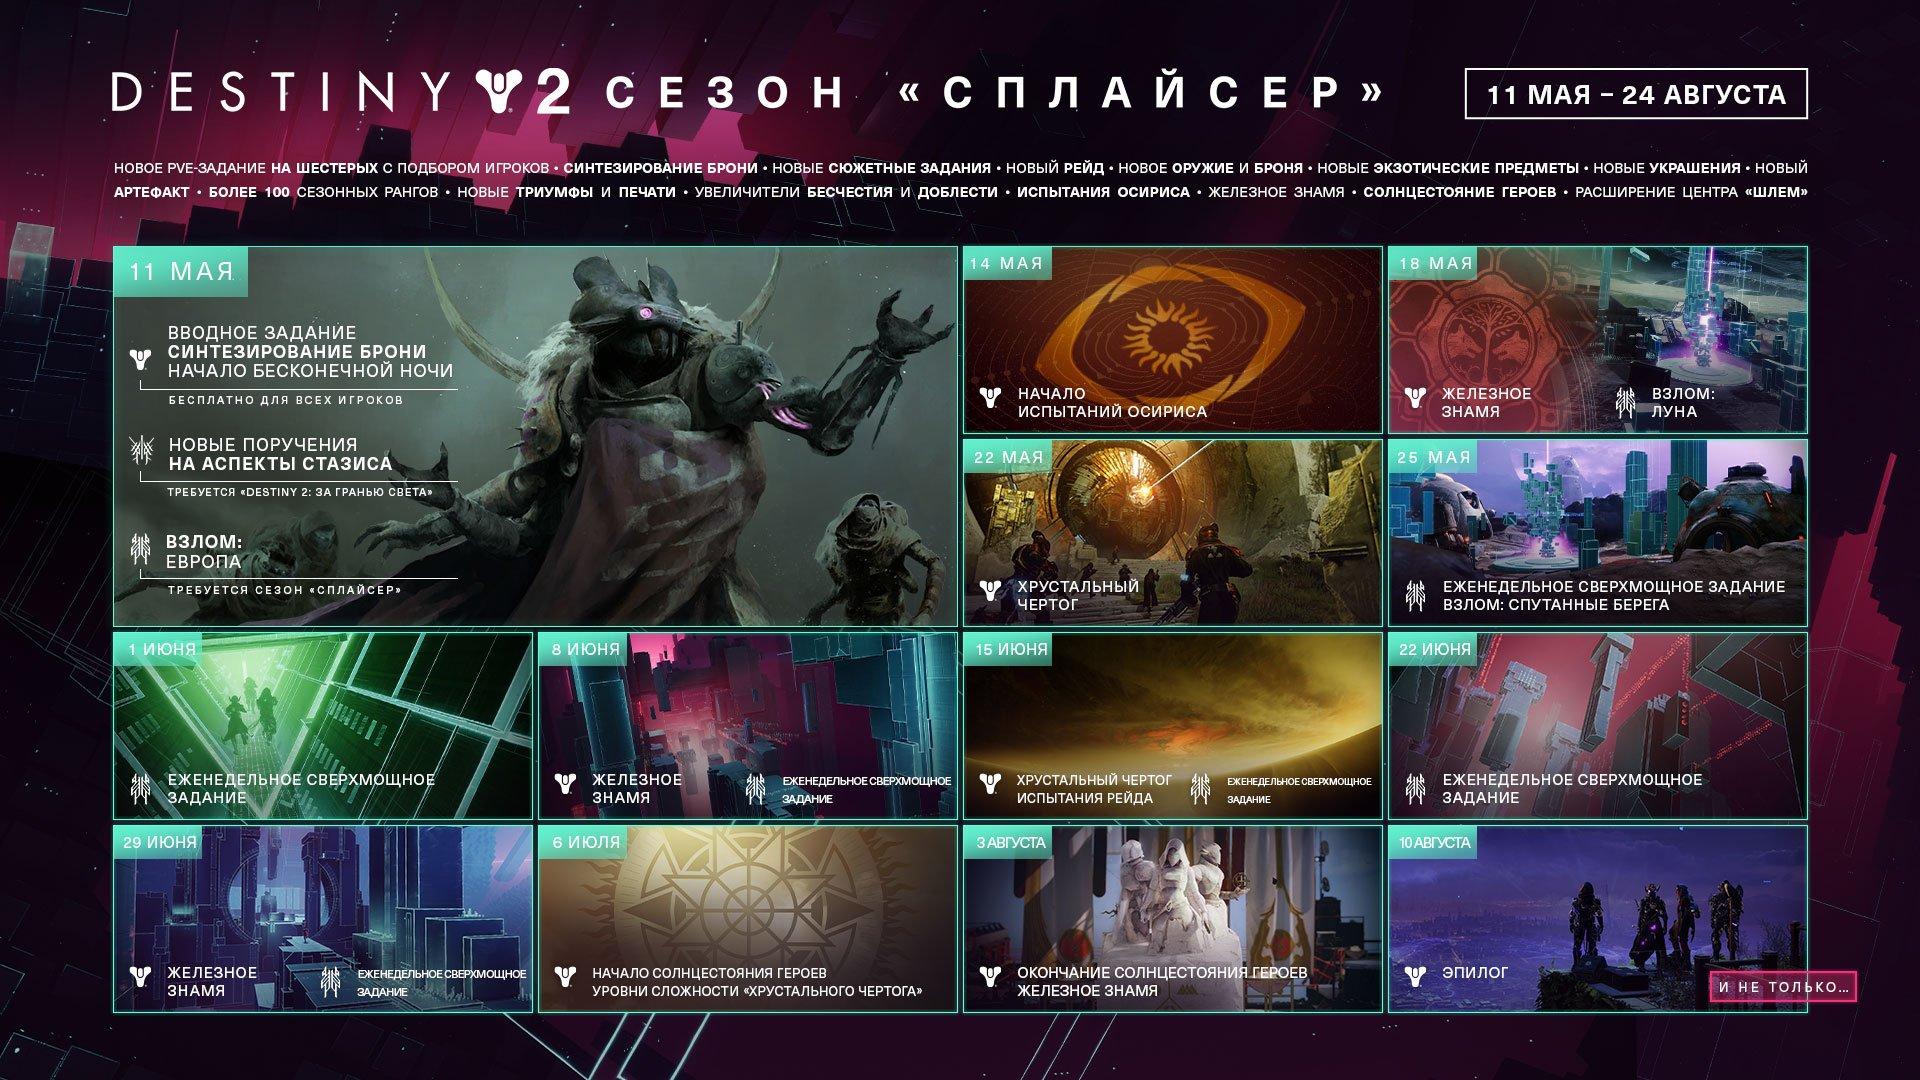 """Анонсирован сезон """"Сплайсер"""" в Destiny 2 — старт 11 мая"""